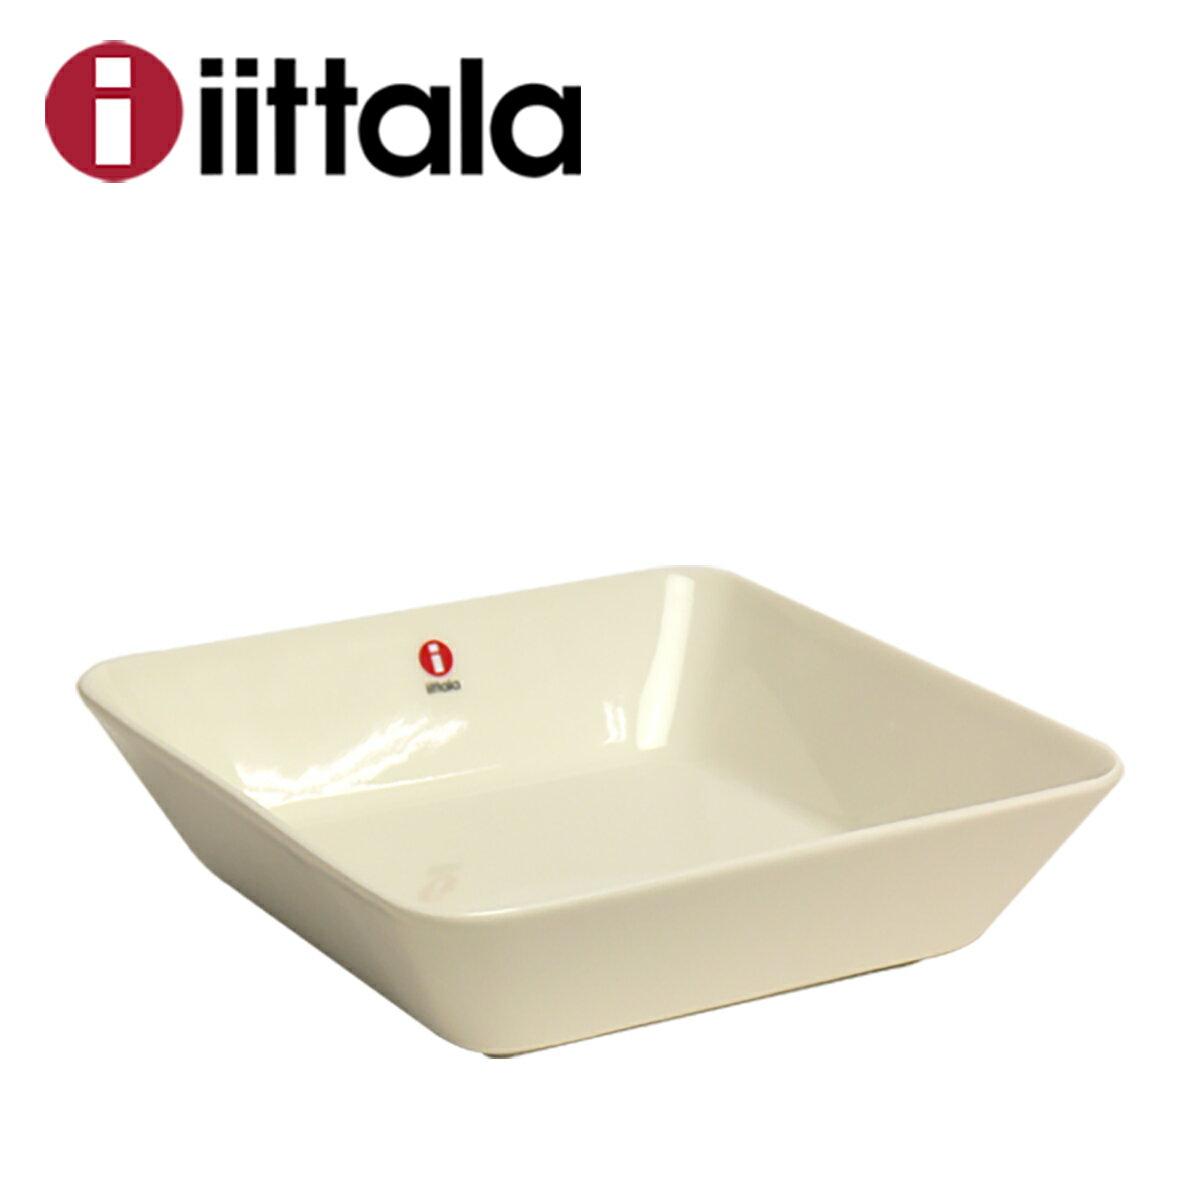 iittala イッタラ TEEMA(ティーマ) スクエアプレート 16cm ホワイト 角皿♪ ita11-c001